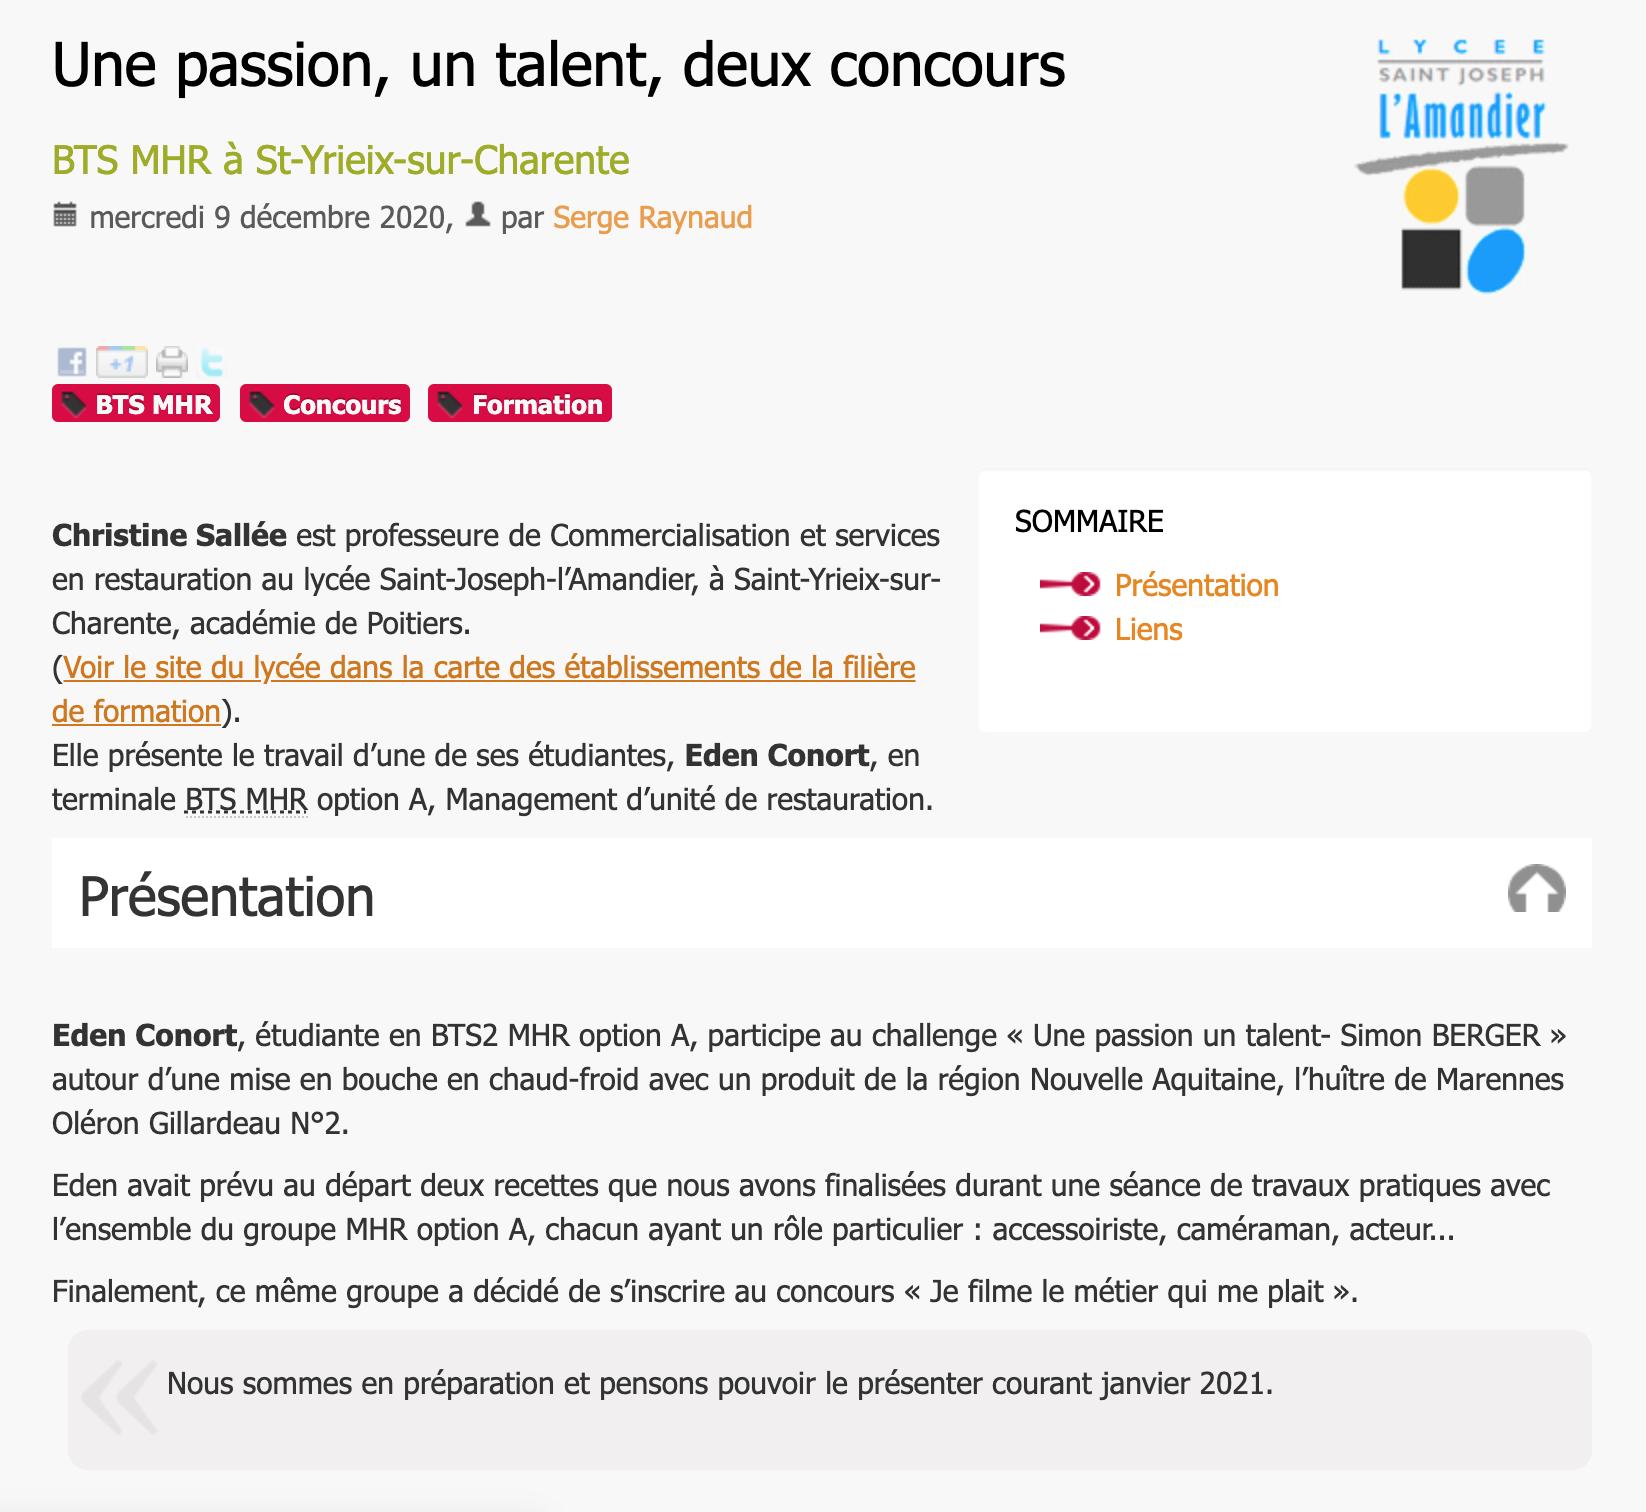 Une passion, un talent, deux concours